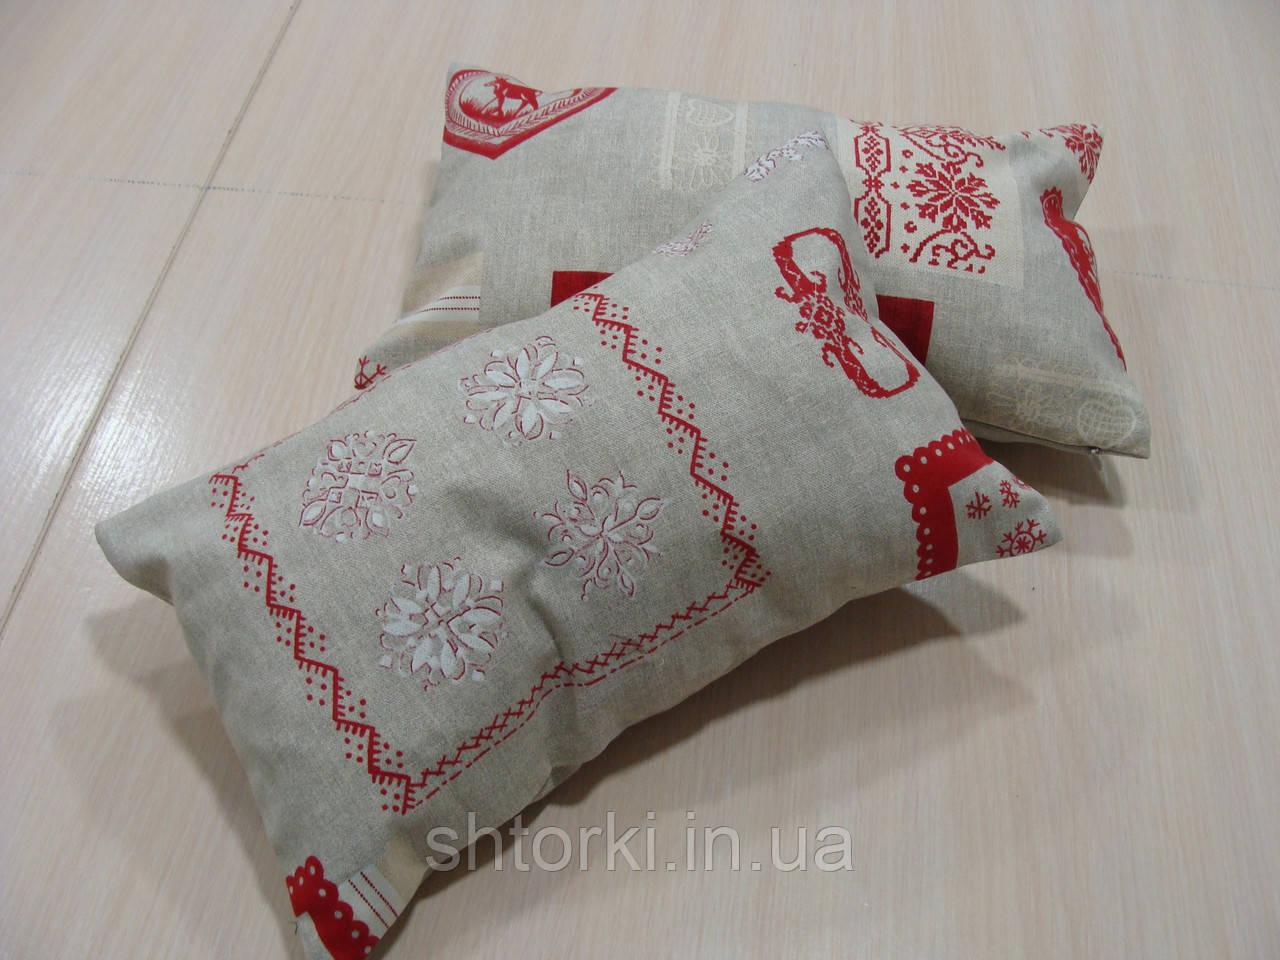 Комплект подушек  2шт Орнамент серые с красным